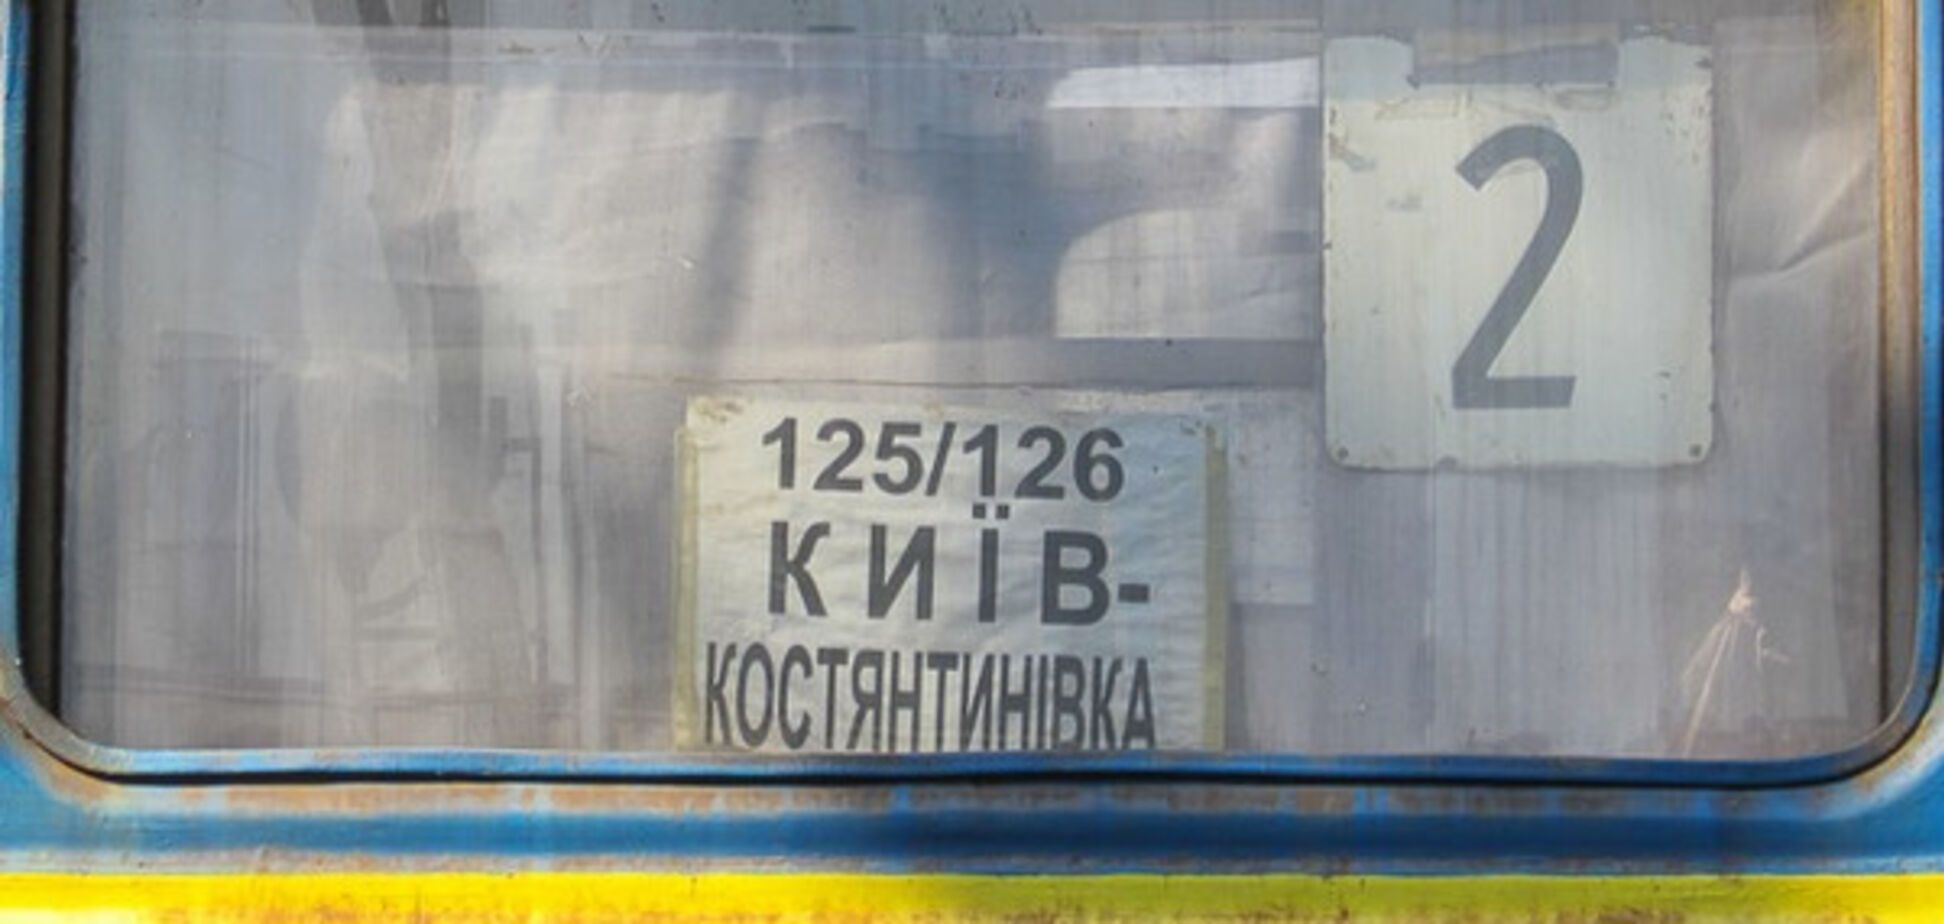 Киев Константиновка